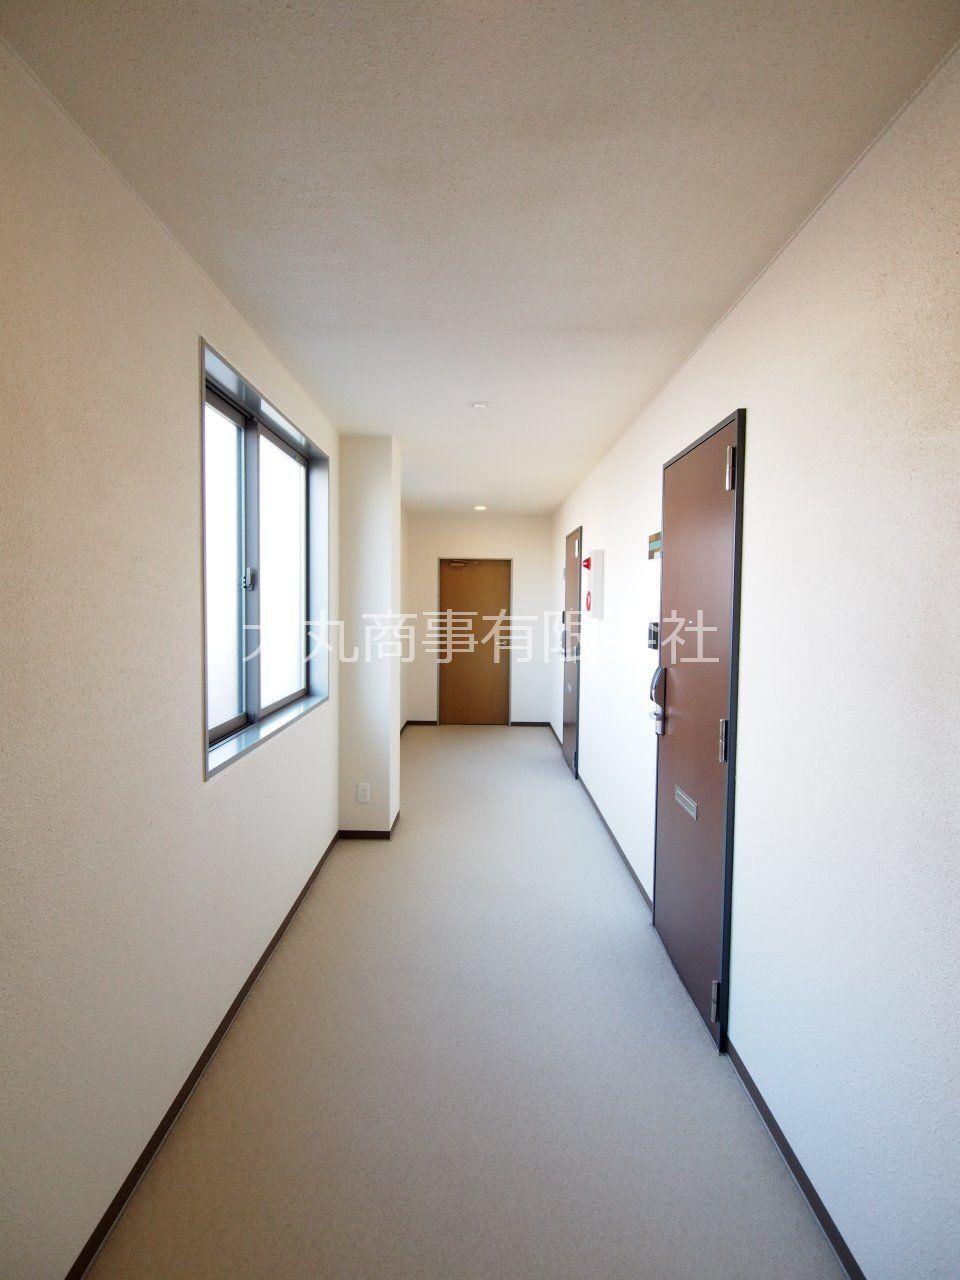 お部屋まではホテルライクな内廊下で